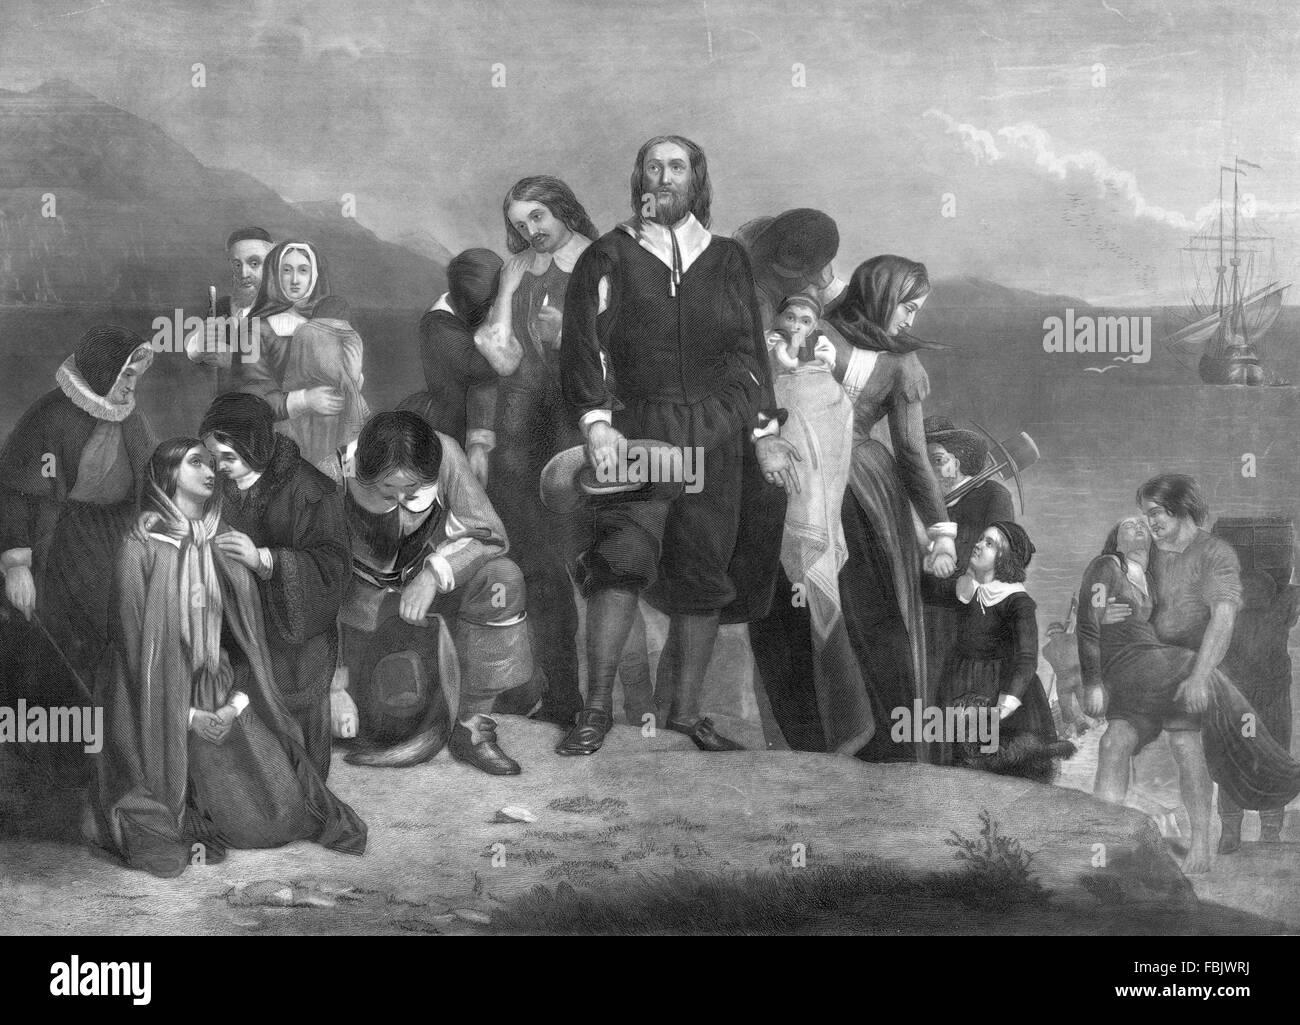 Pilgerväter. Eine Darstellung der Landung der Pilgerväter in Amerika im Jahre 1620 Stockbild